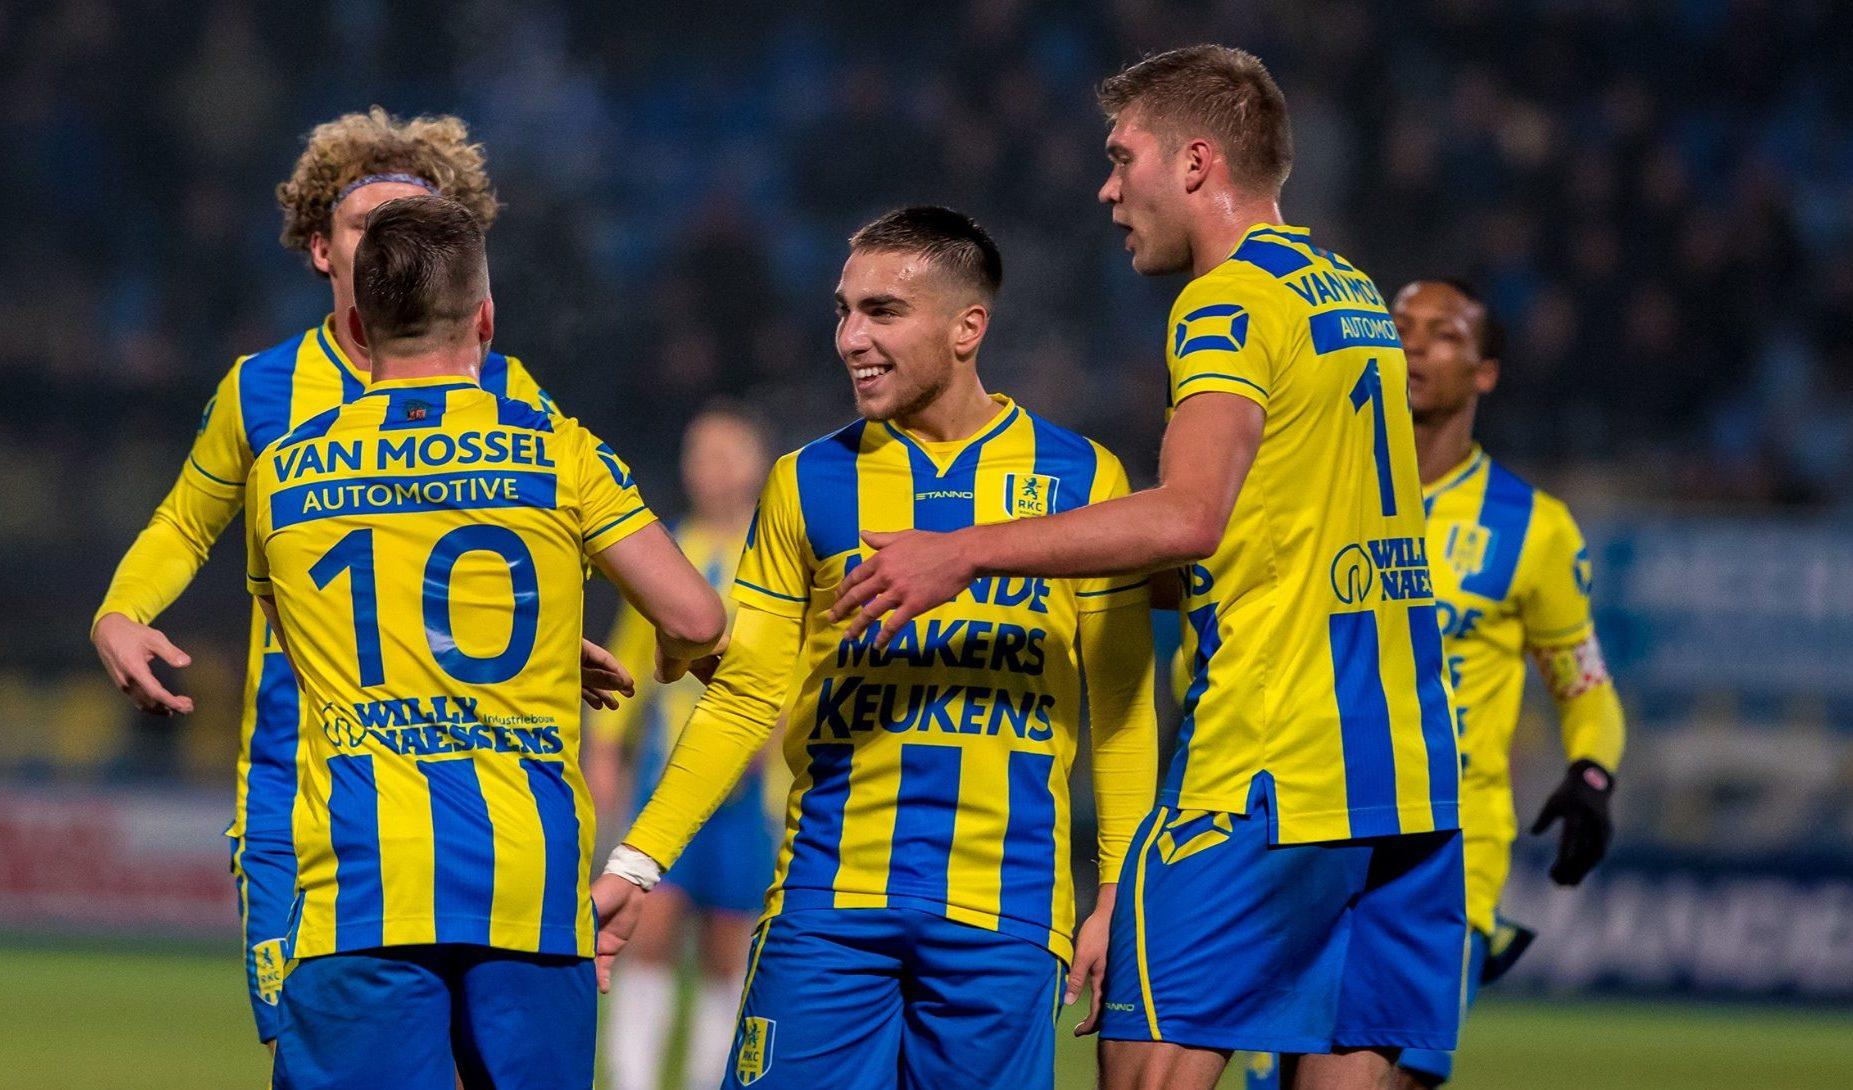 Waalwijk-G.A. Eagles 25 maggio: si gioca lo spareggio per la promozione in Eredivisie, Serie A olandese. Chi centrerà il traguardo?